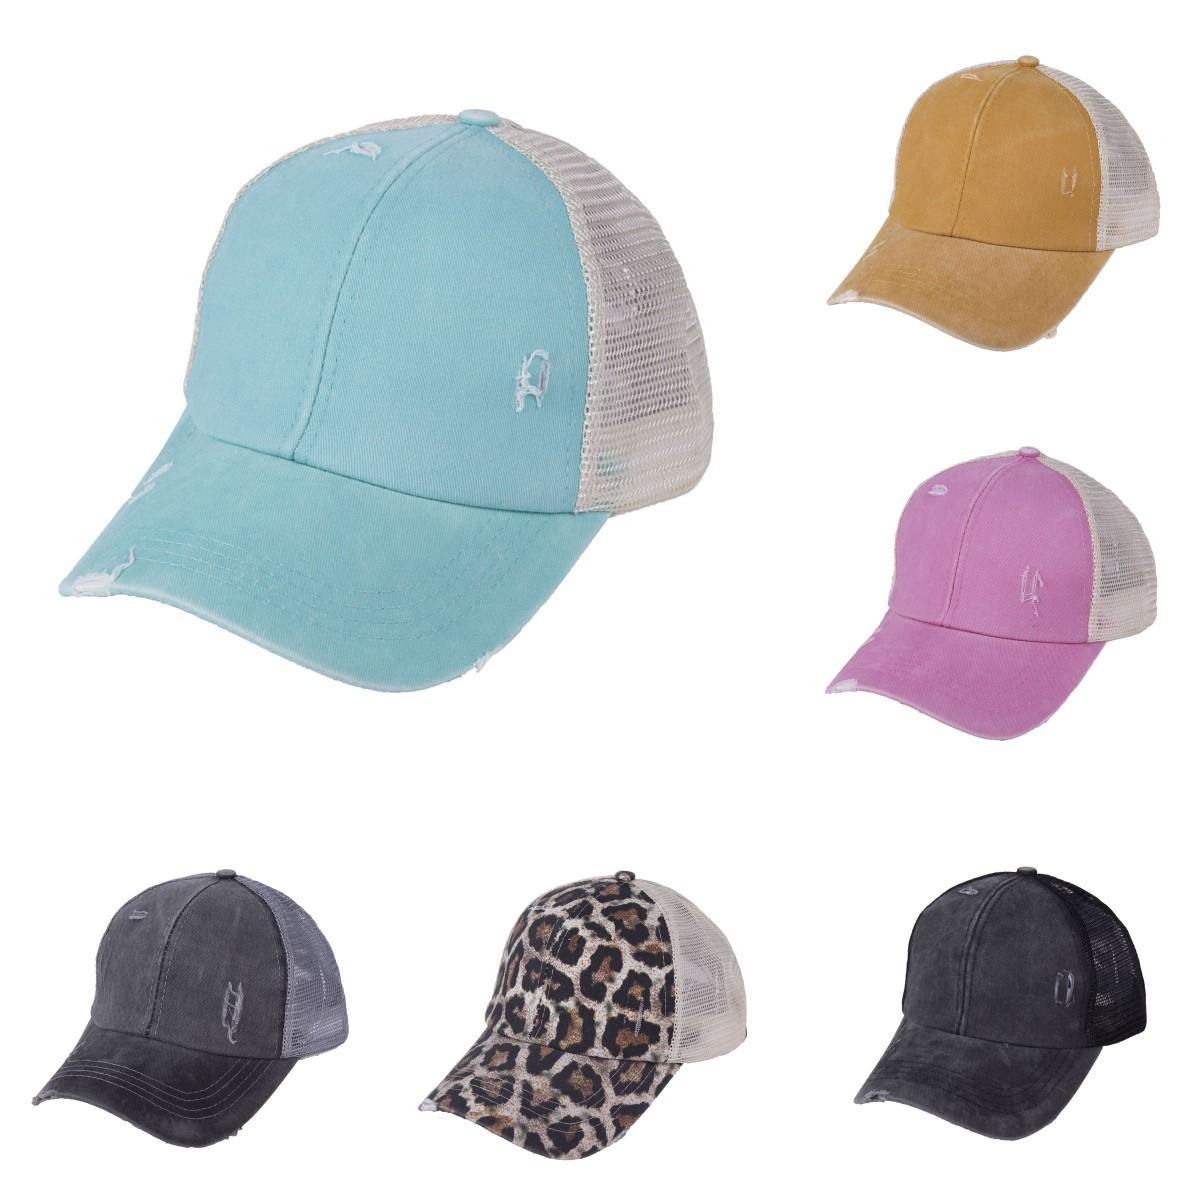 해바라기 포니 테일 야구 모자 8 스타일 크리스 크로스 씻어 면화 공 모자 격자 무늬 선인장 높은 지저분한 빵 모자 DDA497